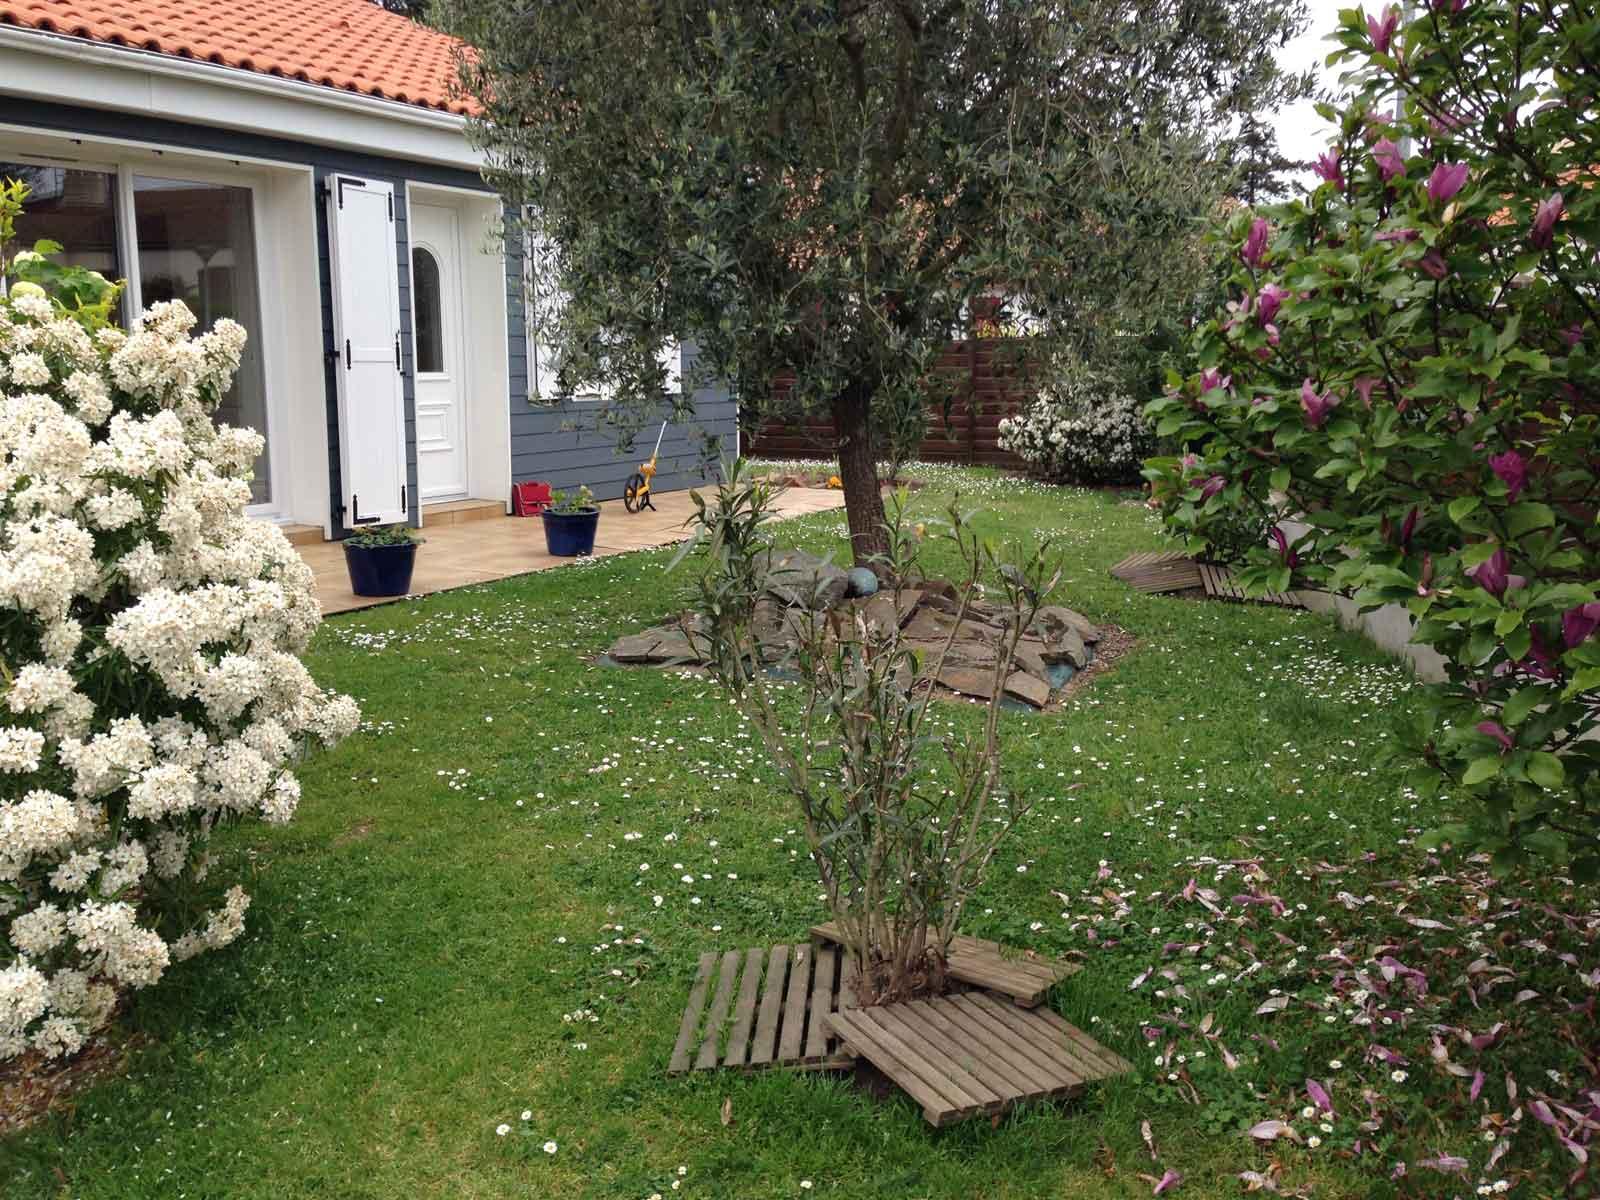 Adj espaces verts paysagiste saint mars de coutais for Entretien jardin 53